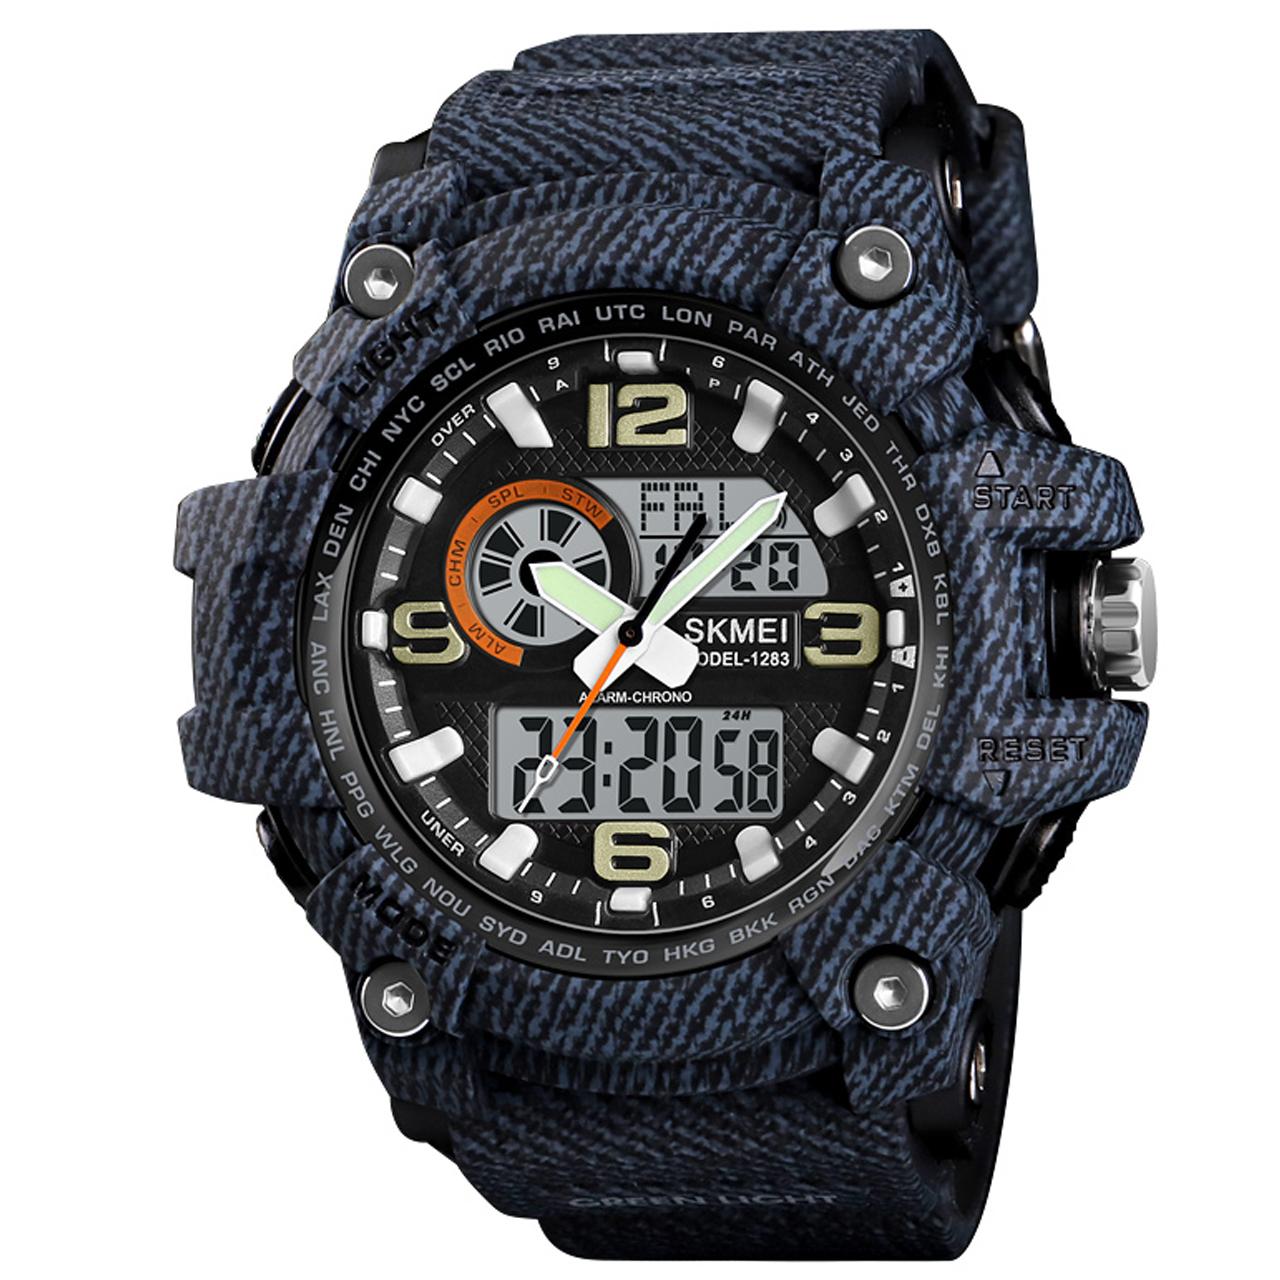 ساعت مچی مردانه اسکمی مدل 1283Md 33